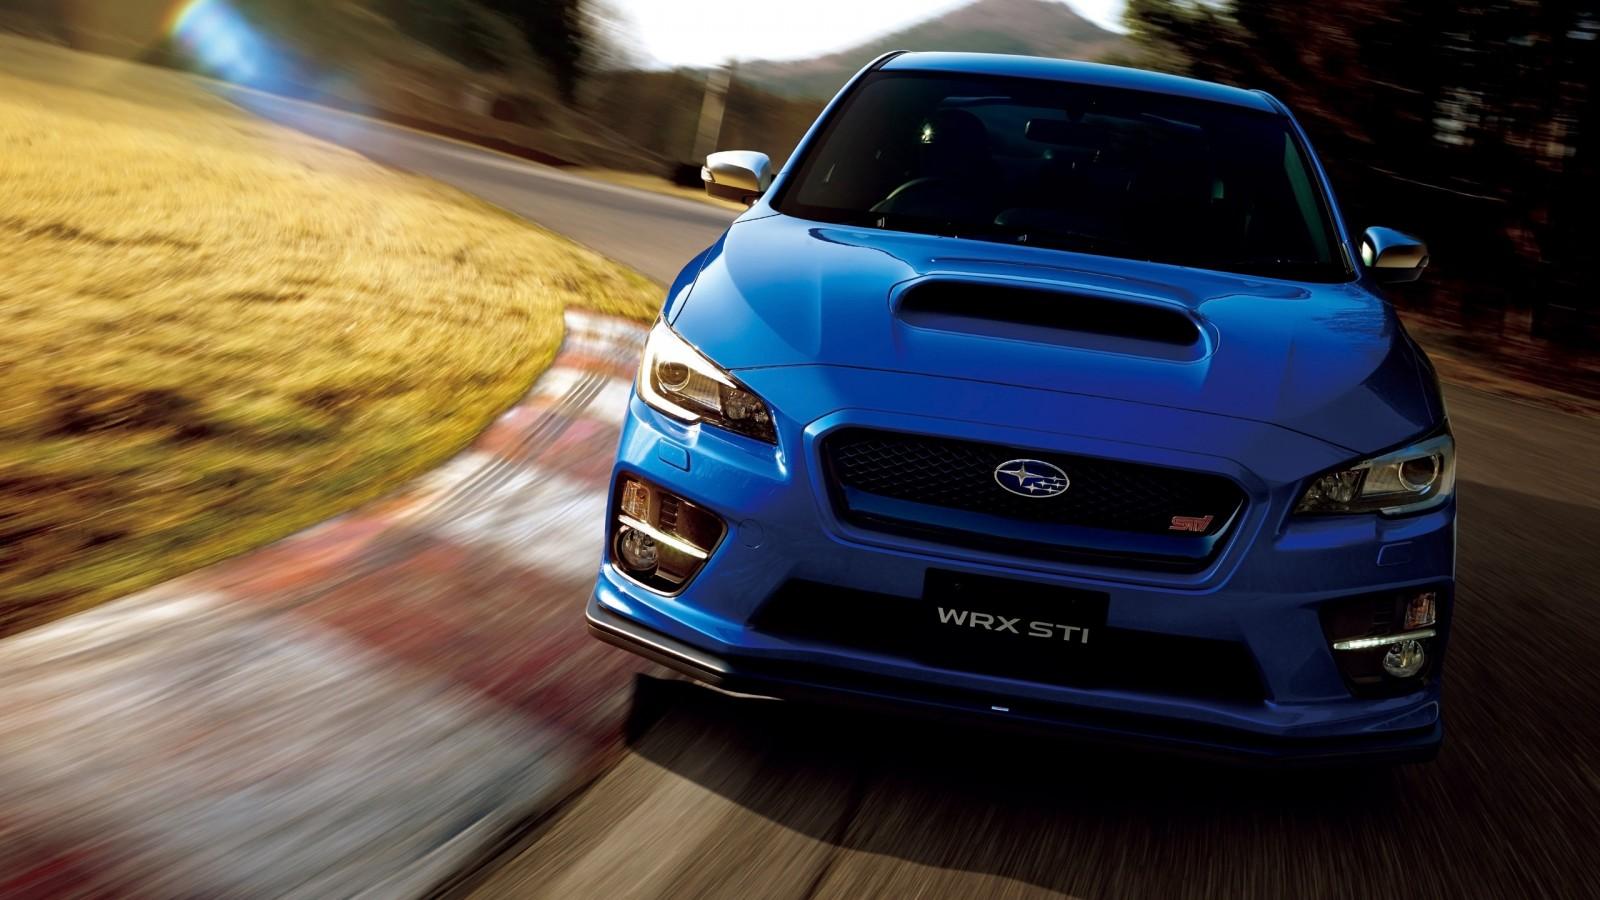 2015 Subaru Wrx Sti Japan Wallpaper Hd Car Wallpapers